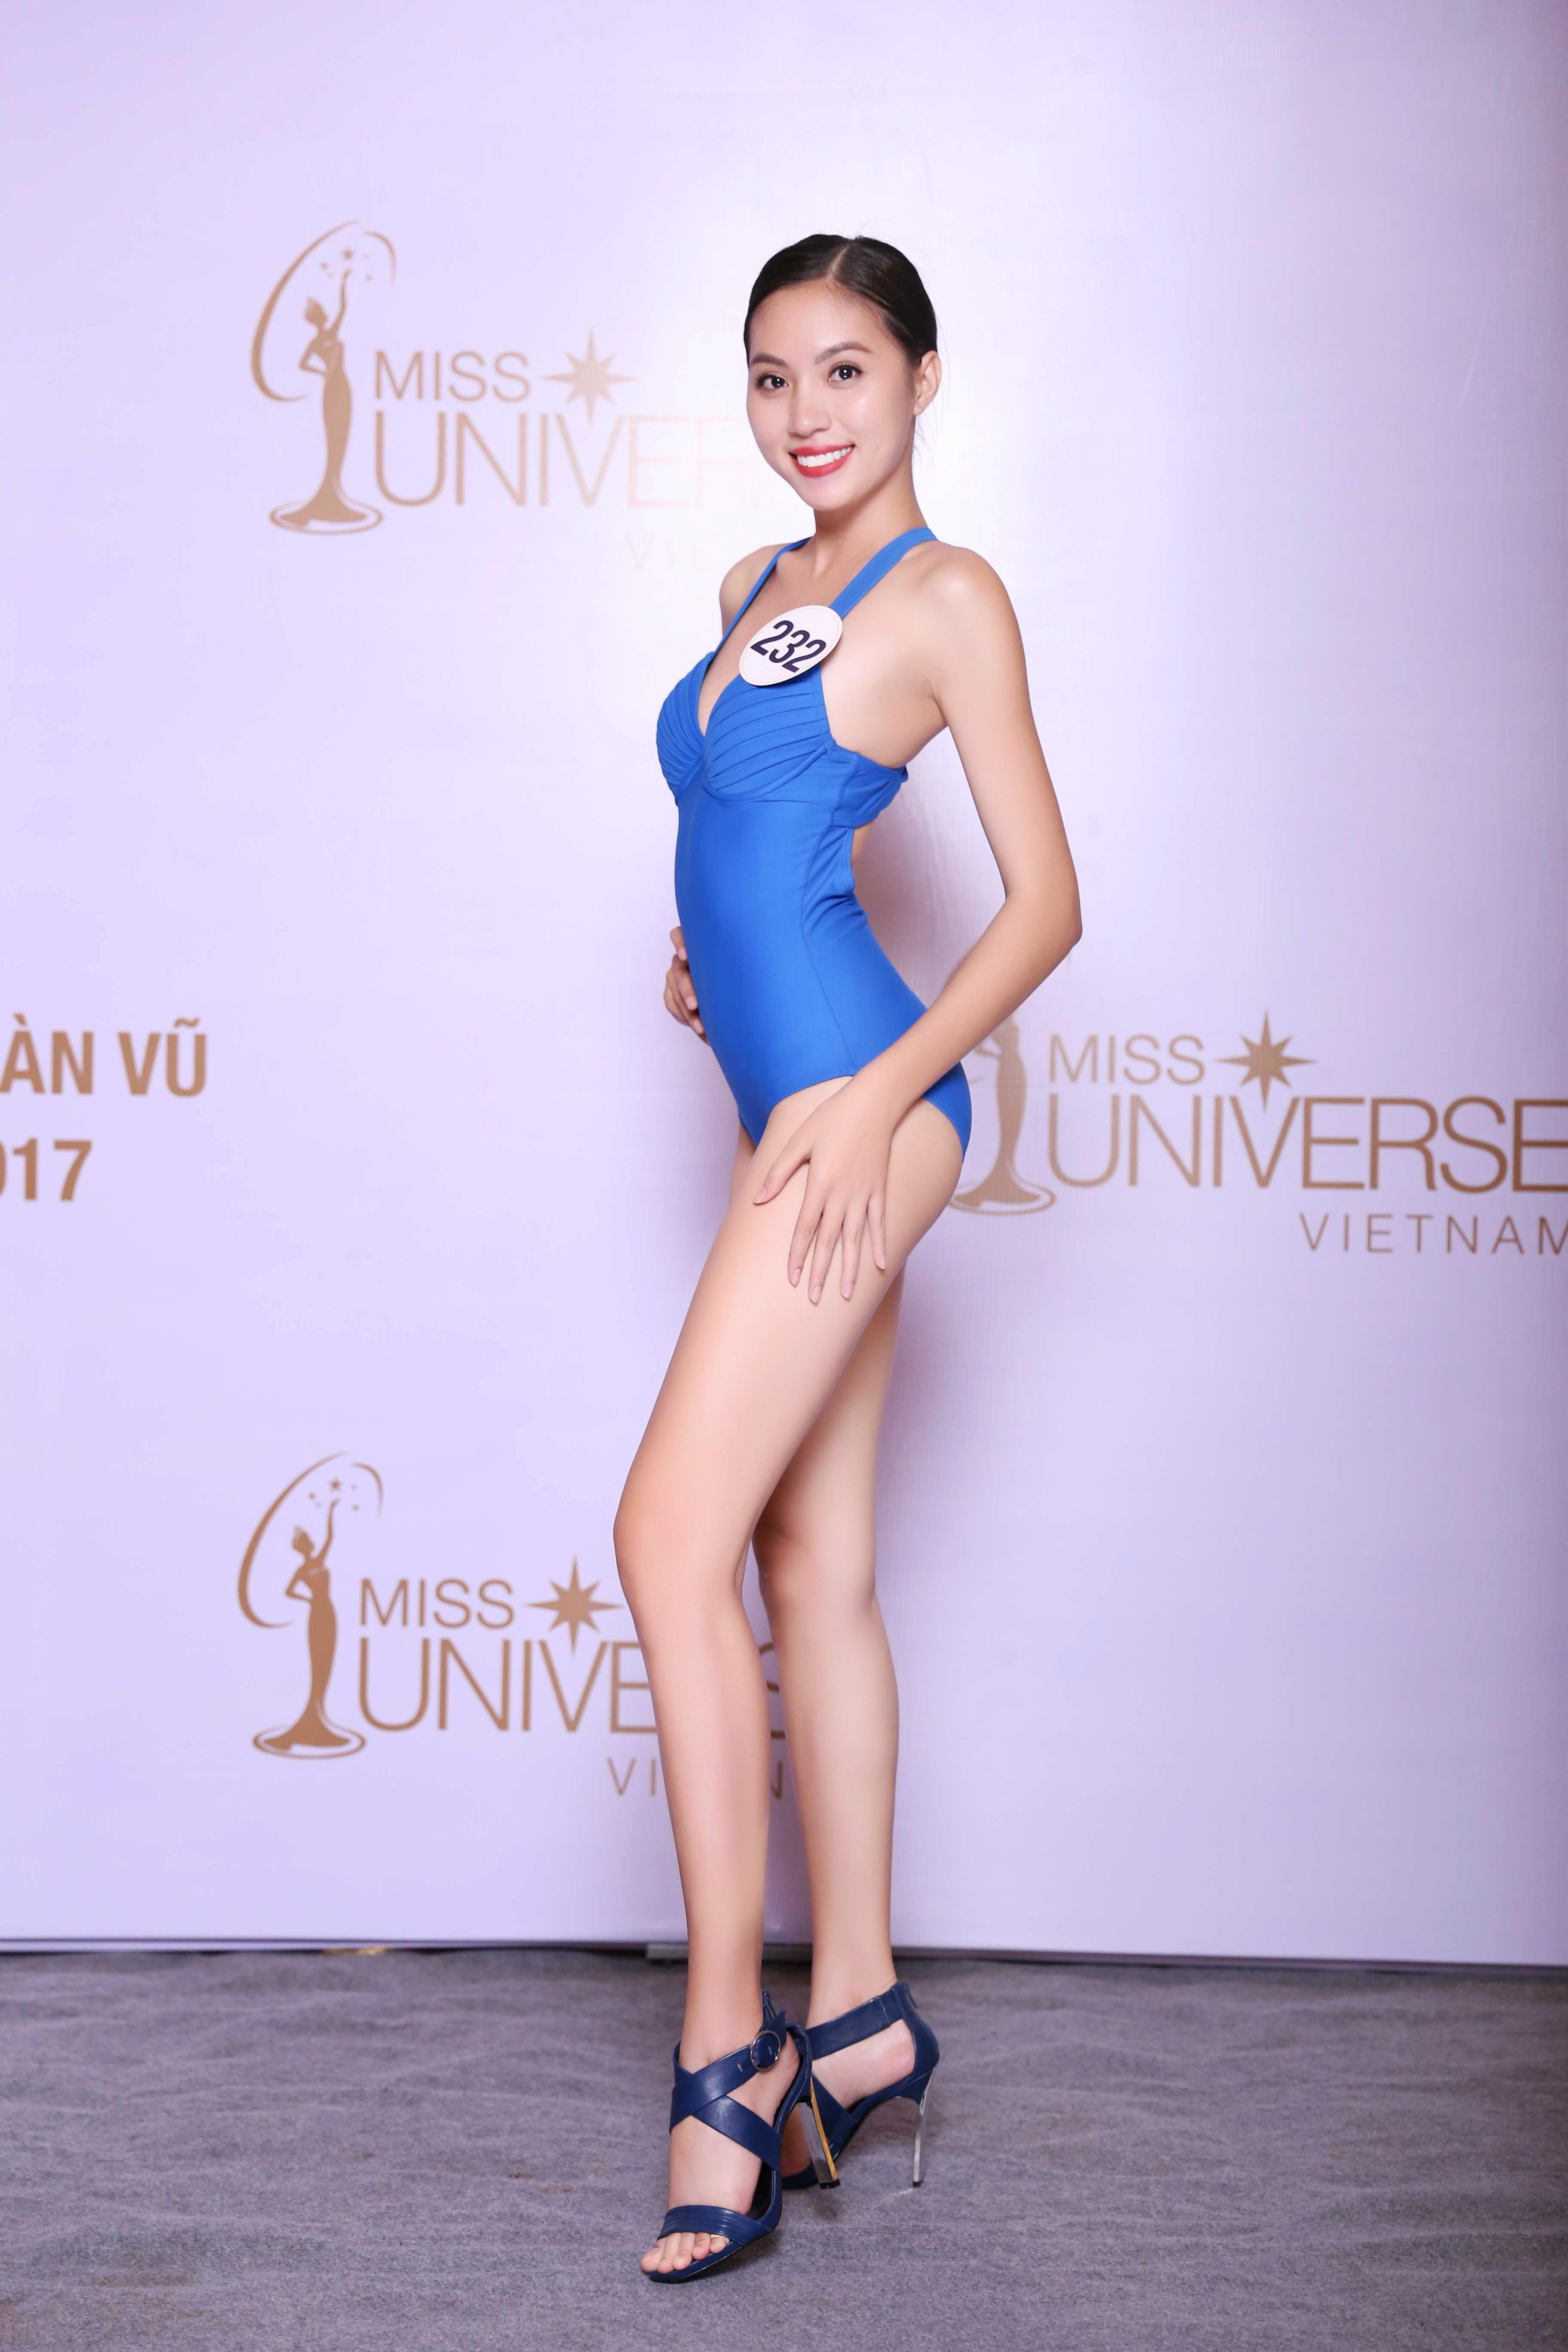 Cận cảnh hình ảnh bikini của Hoàng Thùy, Mâu Thủy, Mai Ngô... tại Hoa hậu Hoàn vũ, ai nuột nhất? - Ảnh 12.